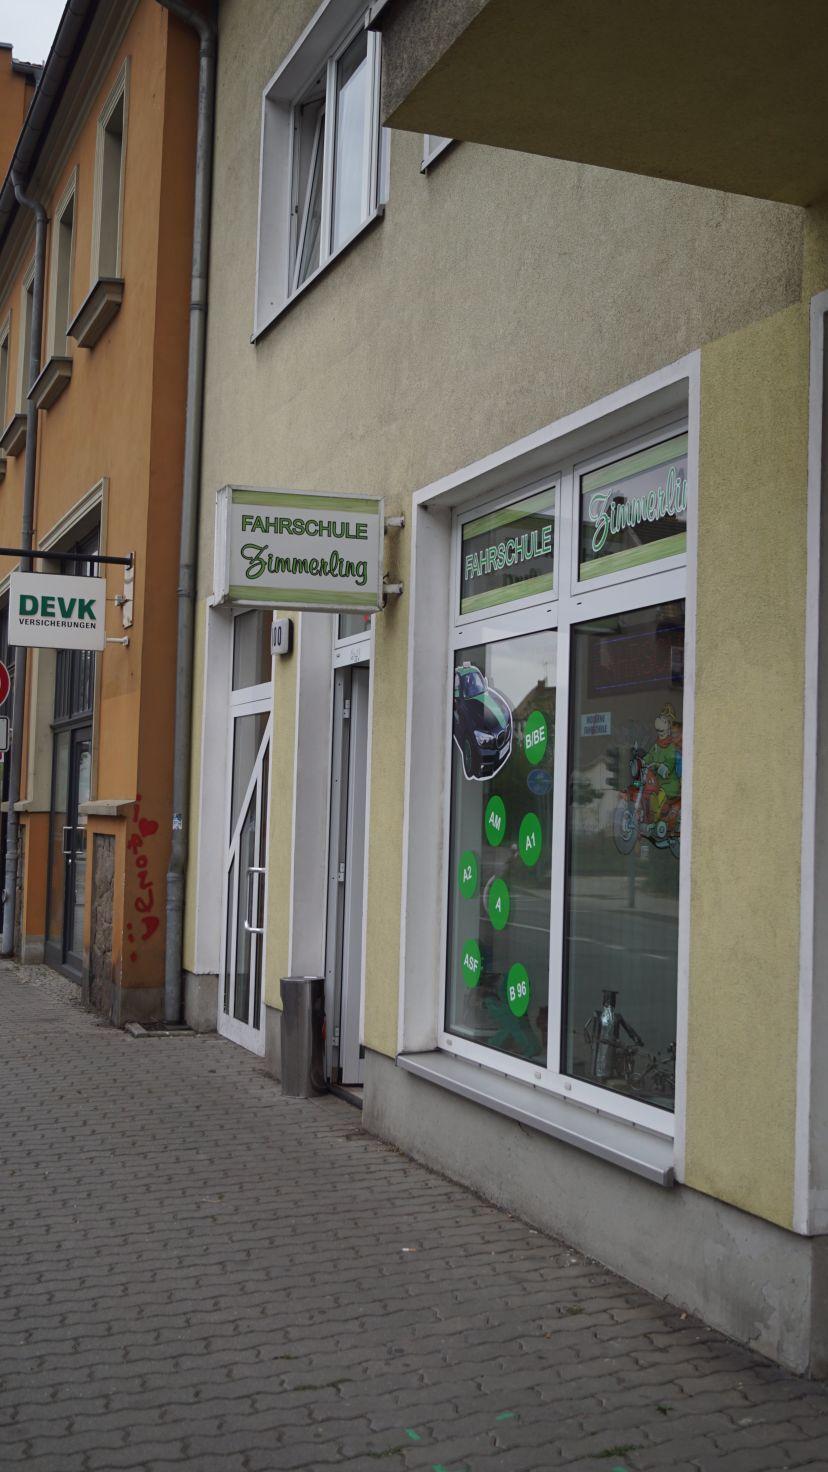 Fahrschule Zimmerling Detlef Mölkau 2